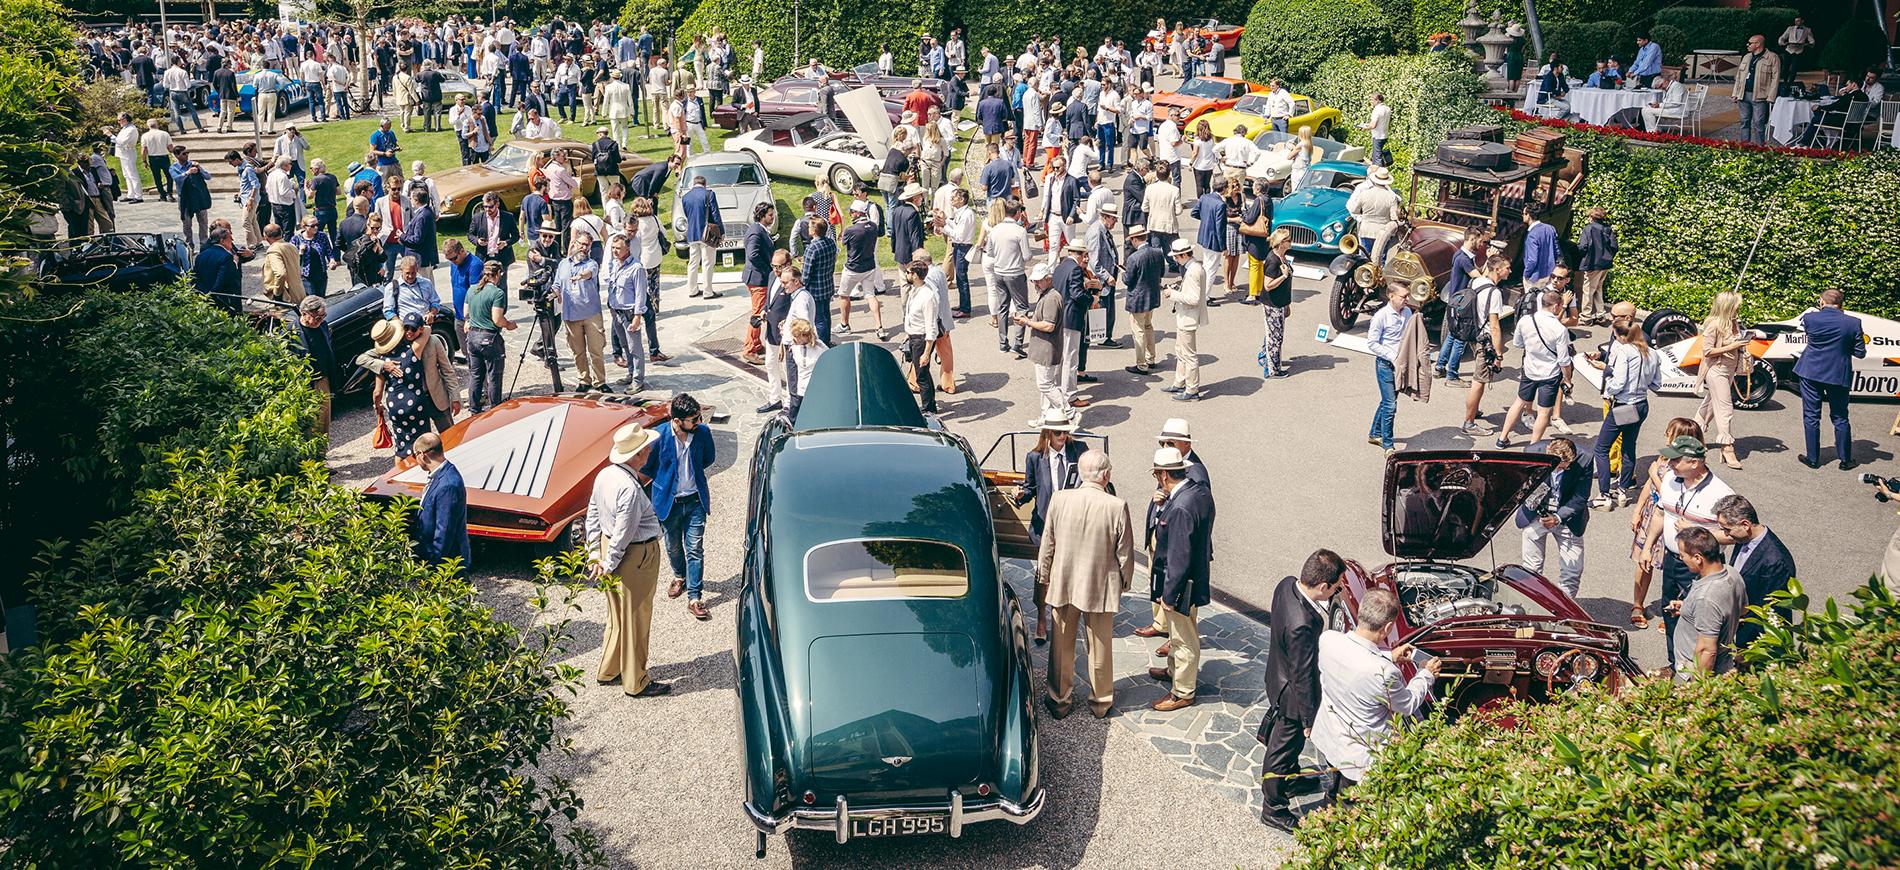 Immagine ripresa dall'alto che mostra auto e appassionati al Concorso d'Eleganza Villa d'Este Cernobbio 2018